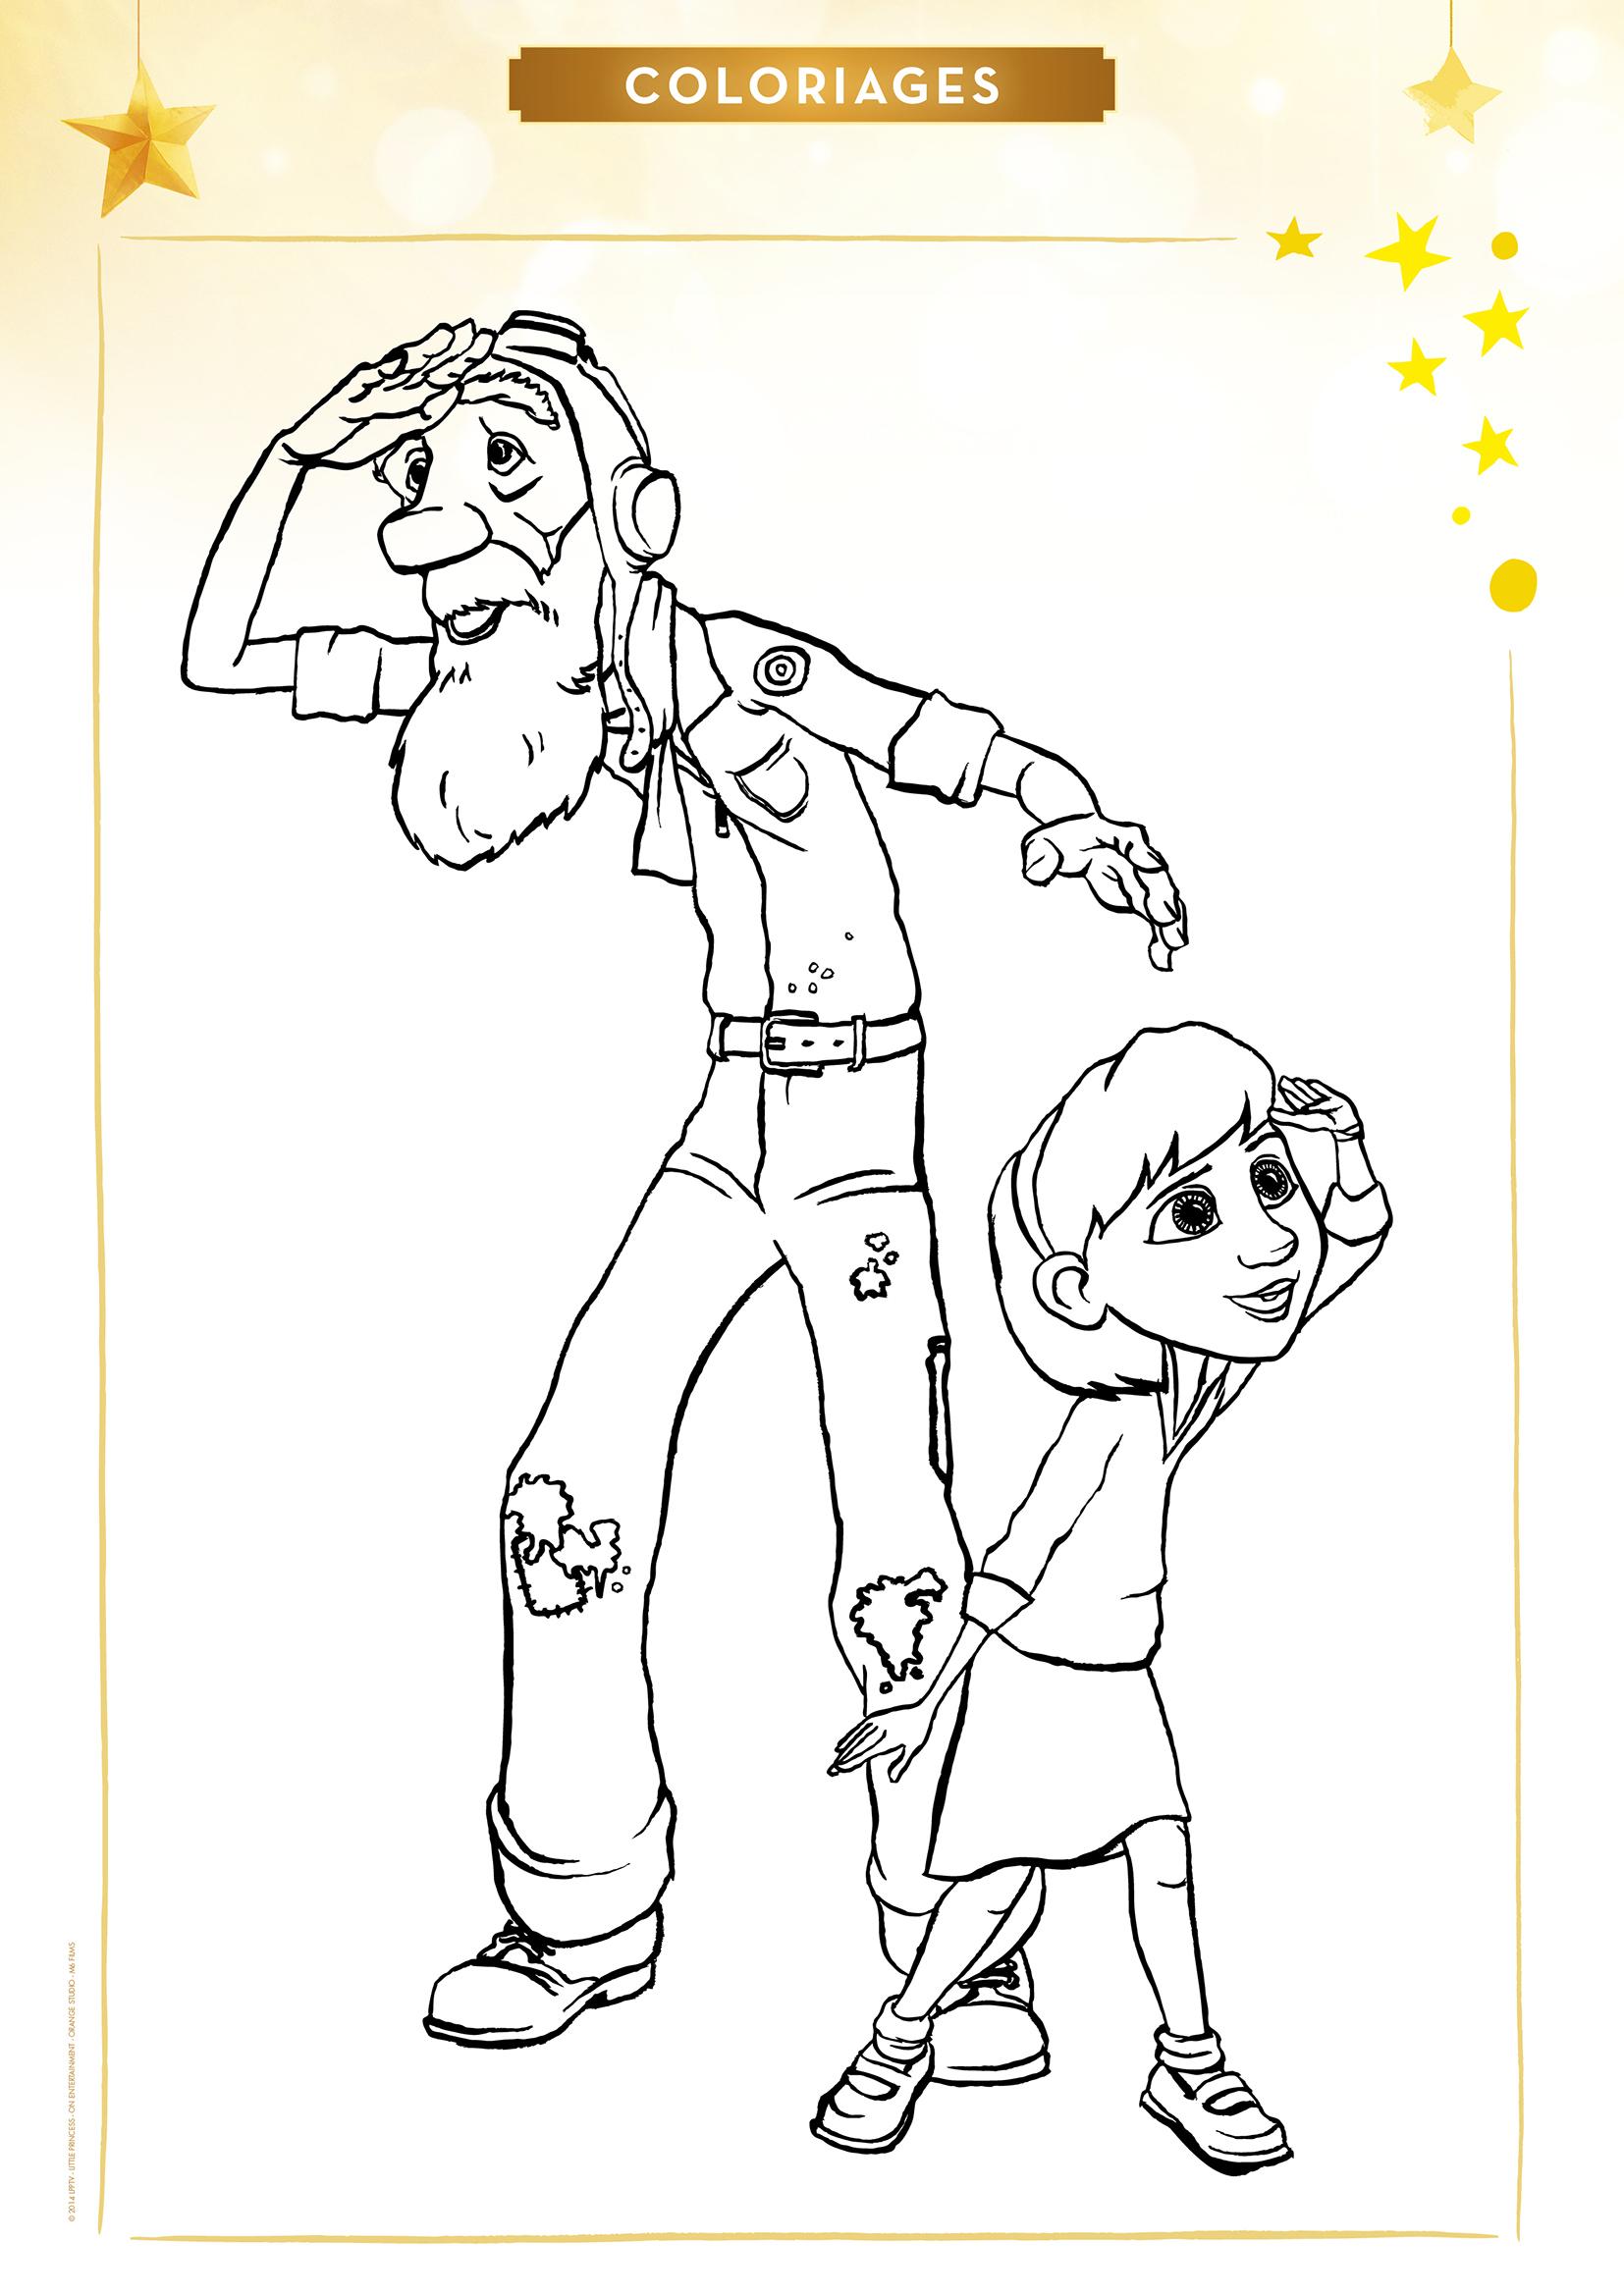 Coloriage L'Aviateur Et La Petite Fille - Momes tout Coloriage Coloriage